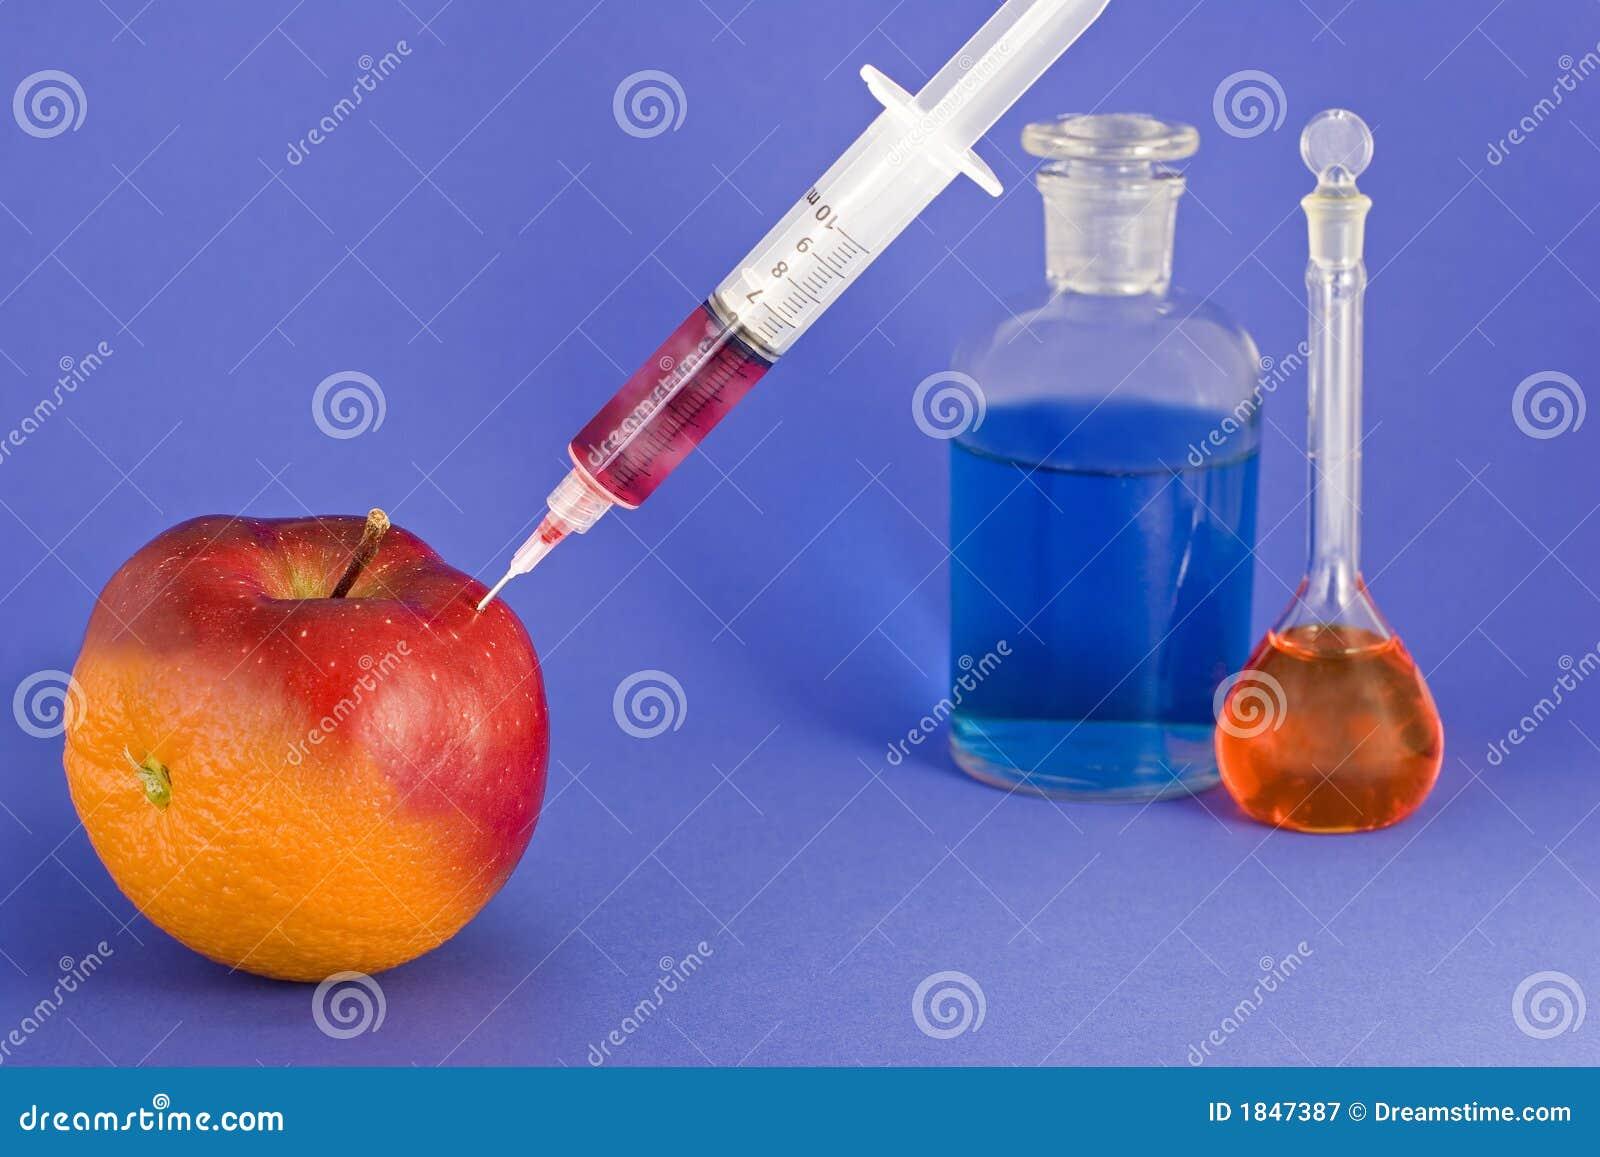 Genetic engineering paper